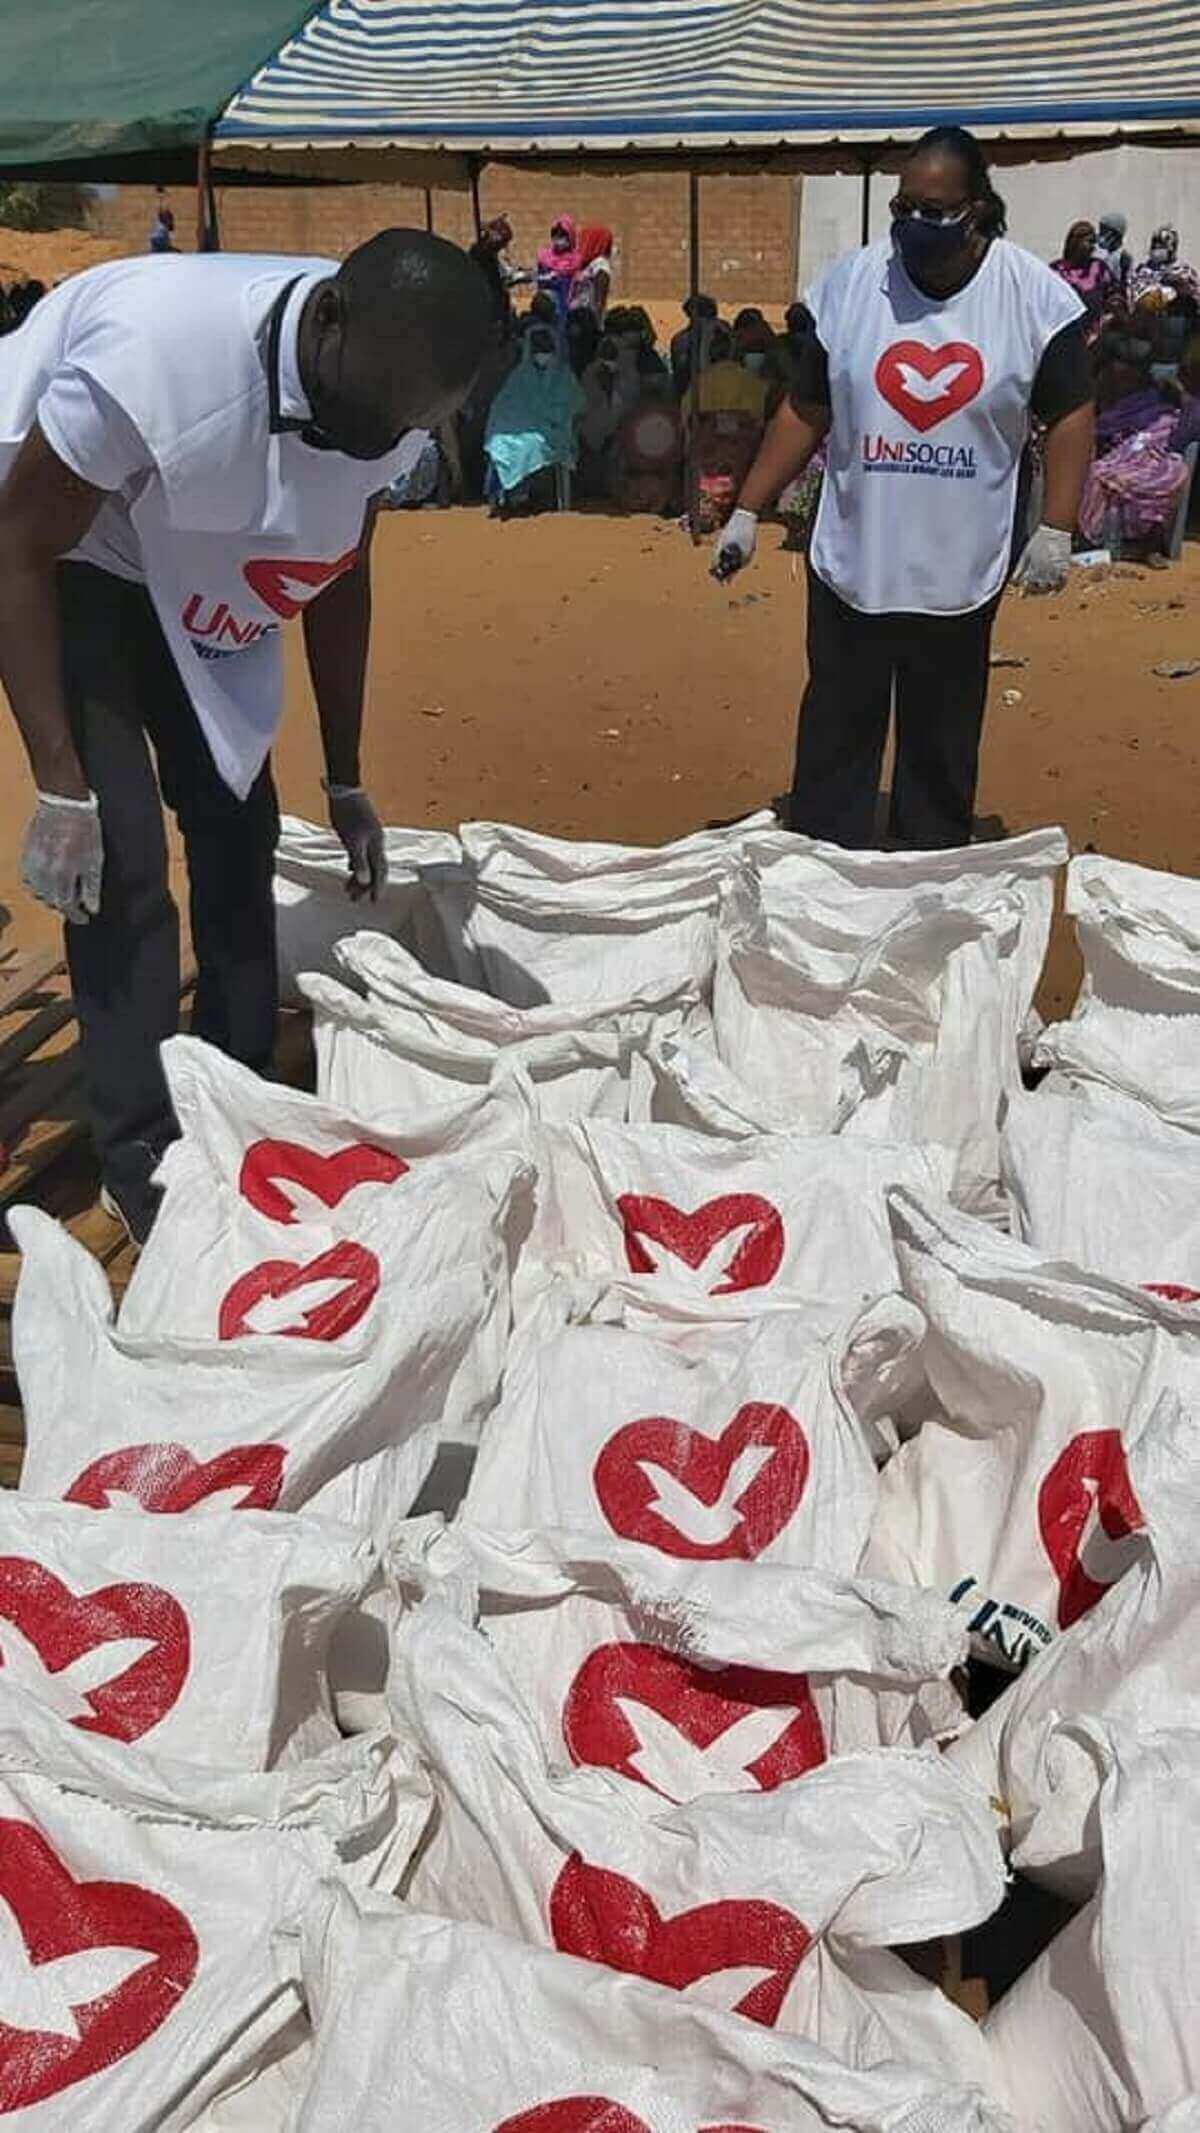 UNISOCIAL Sénégal : Don de 350 kits alimentaires à Mbeubeuss par l'Église Universelle du Royaume de Dieu (en images) 3